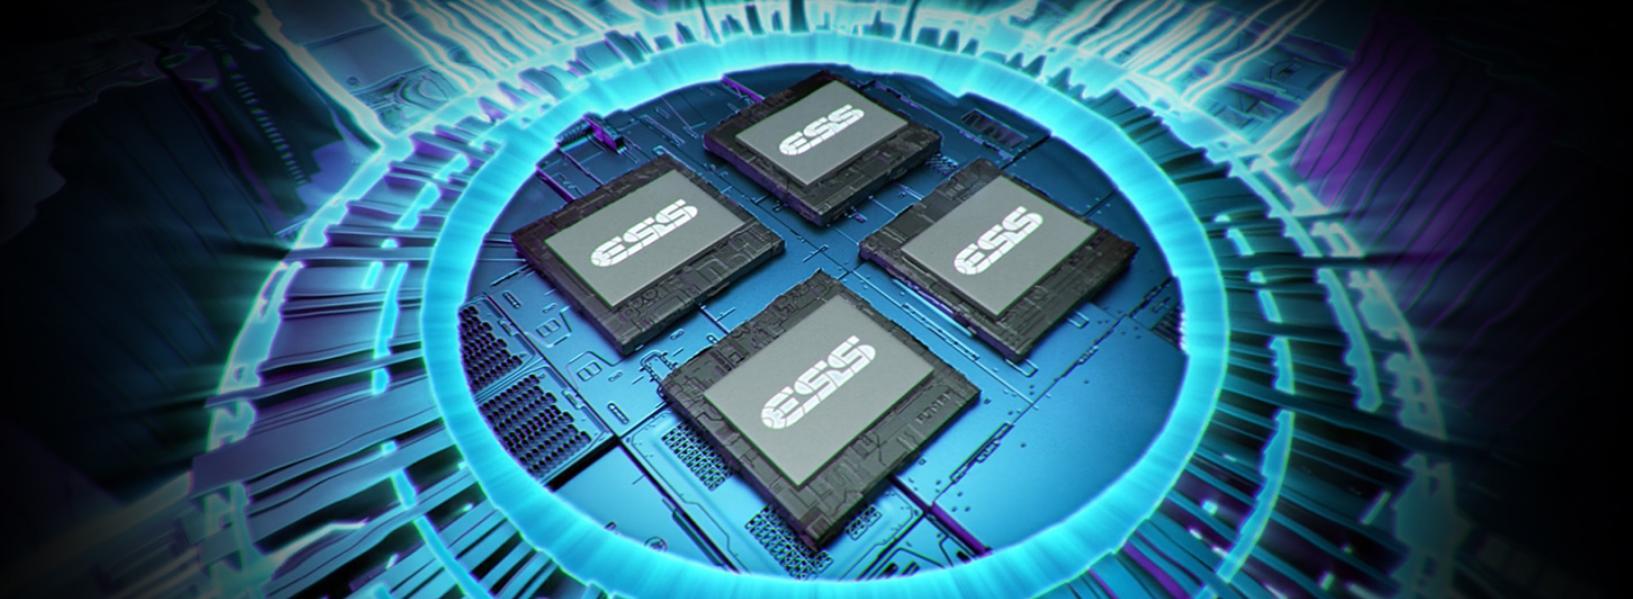 Tai nghe Asus ROG Delta Gundam LTD tích hợp chip xử lý âm thanh cao cấp